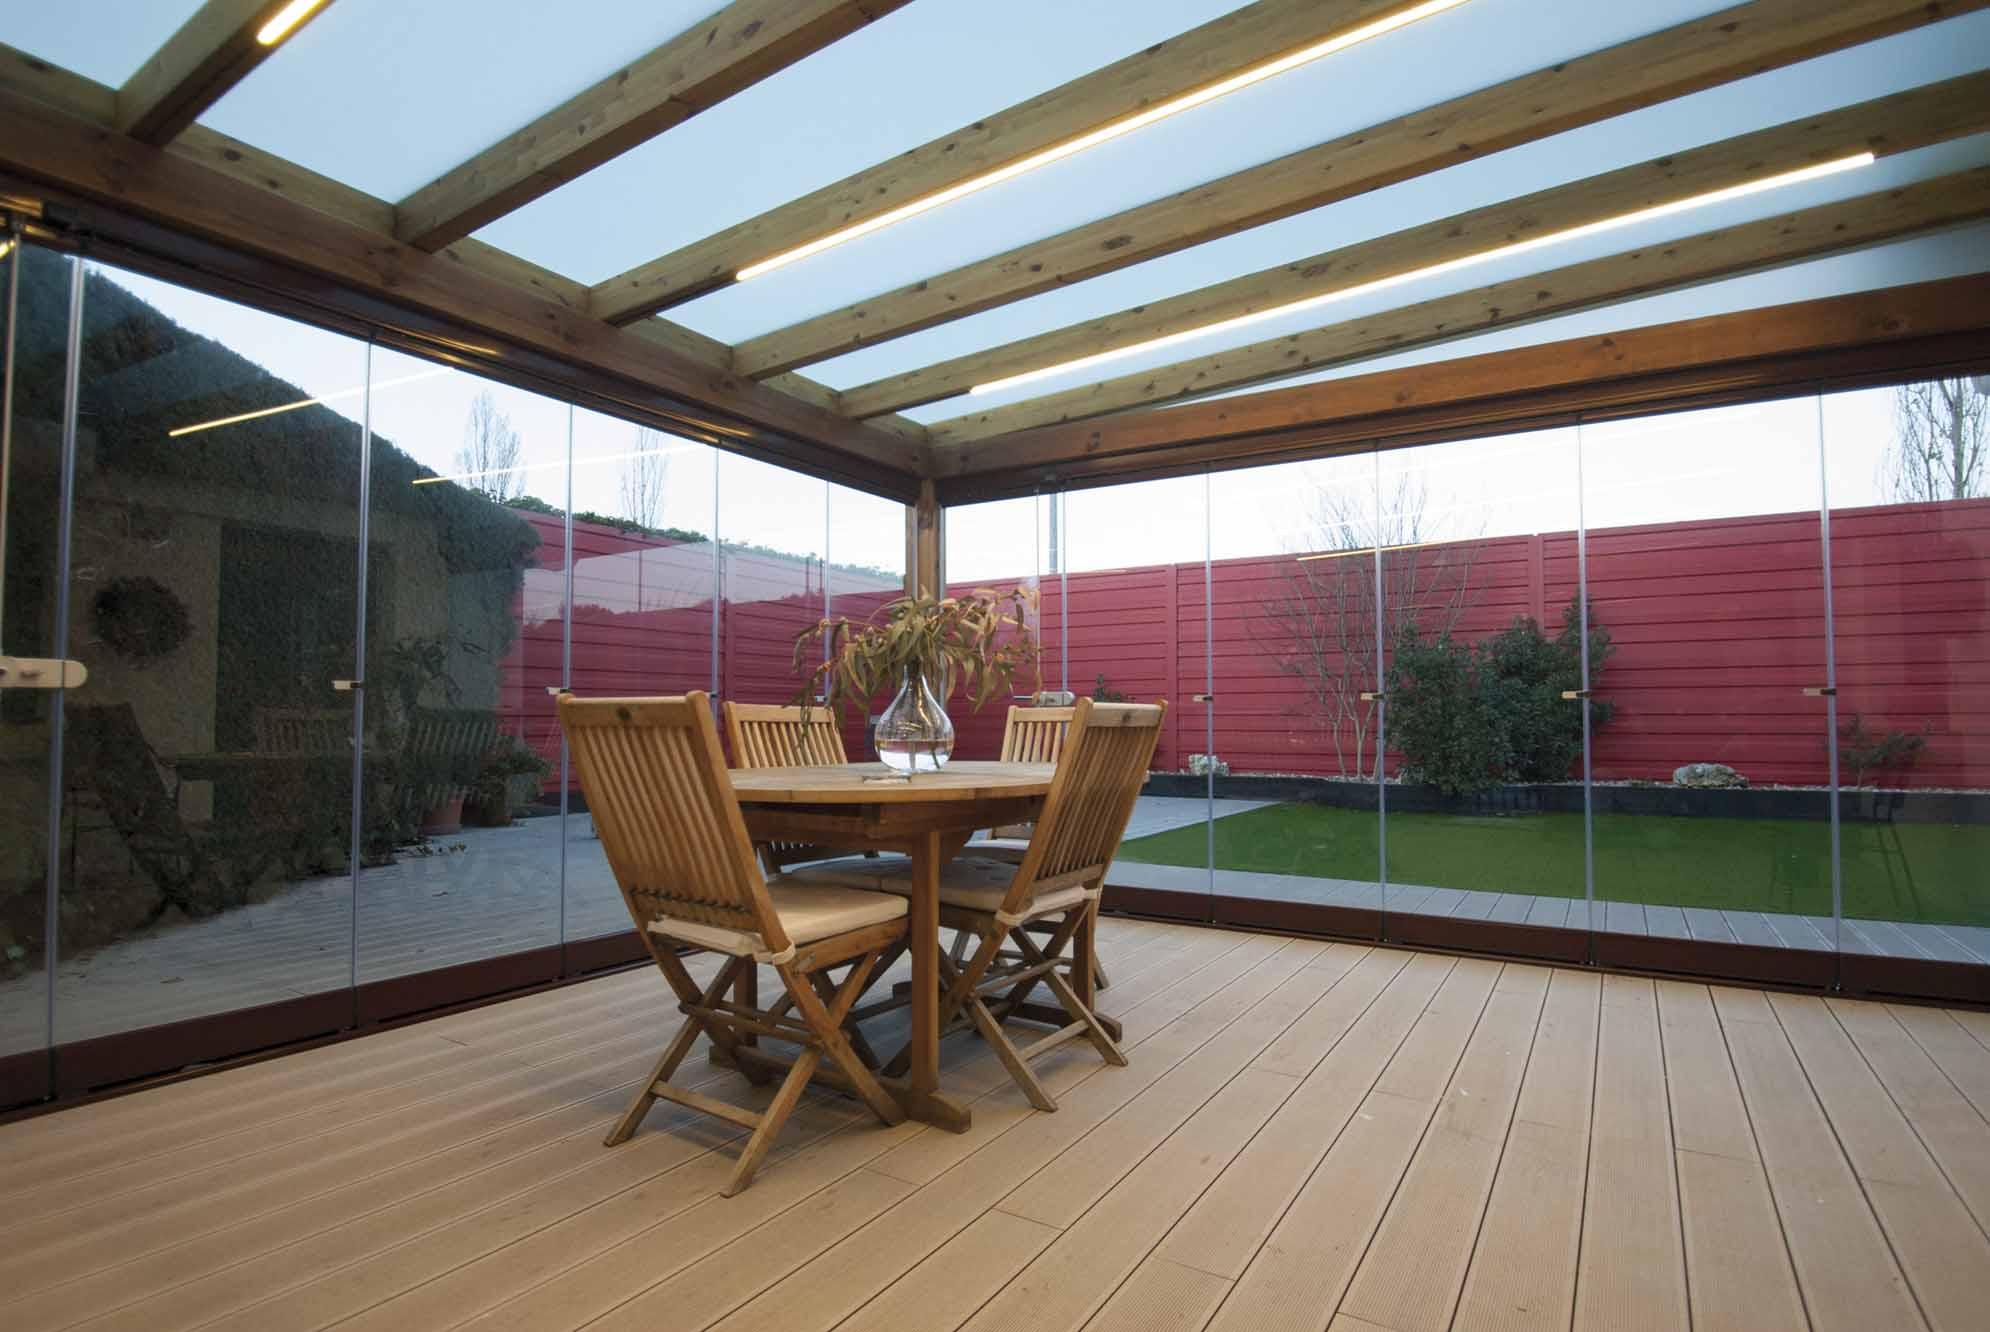 9 cortinas de cristal en porche de madera echarri - Porches de madera y cristal ...